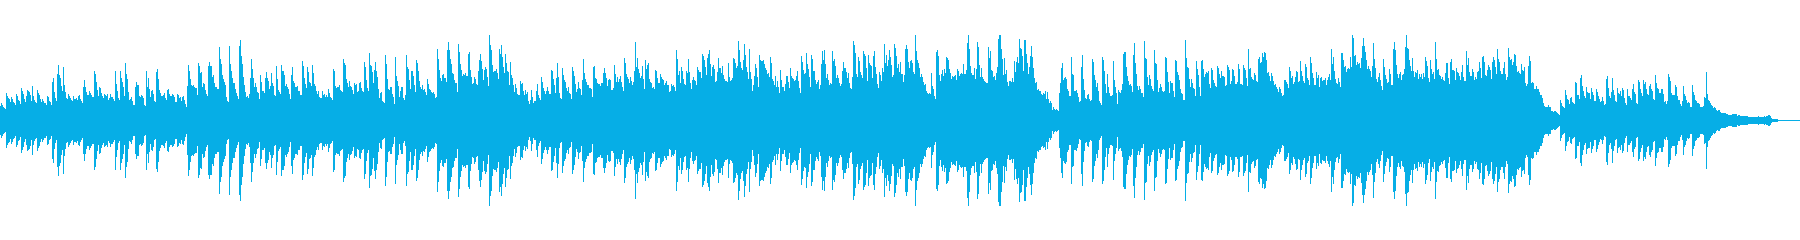 可憐で優しいクラシカルなピアノバラードの再生済みの波形